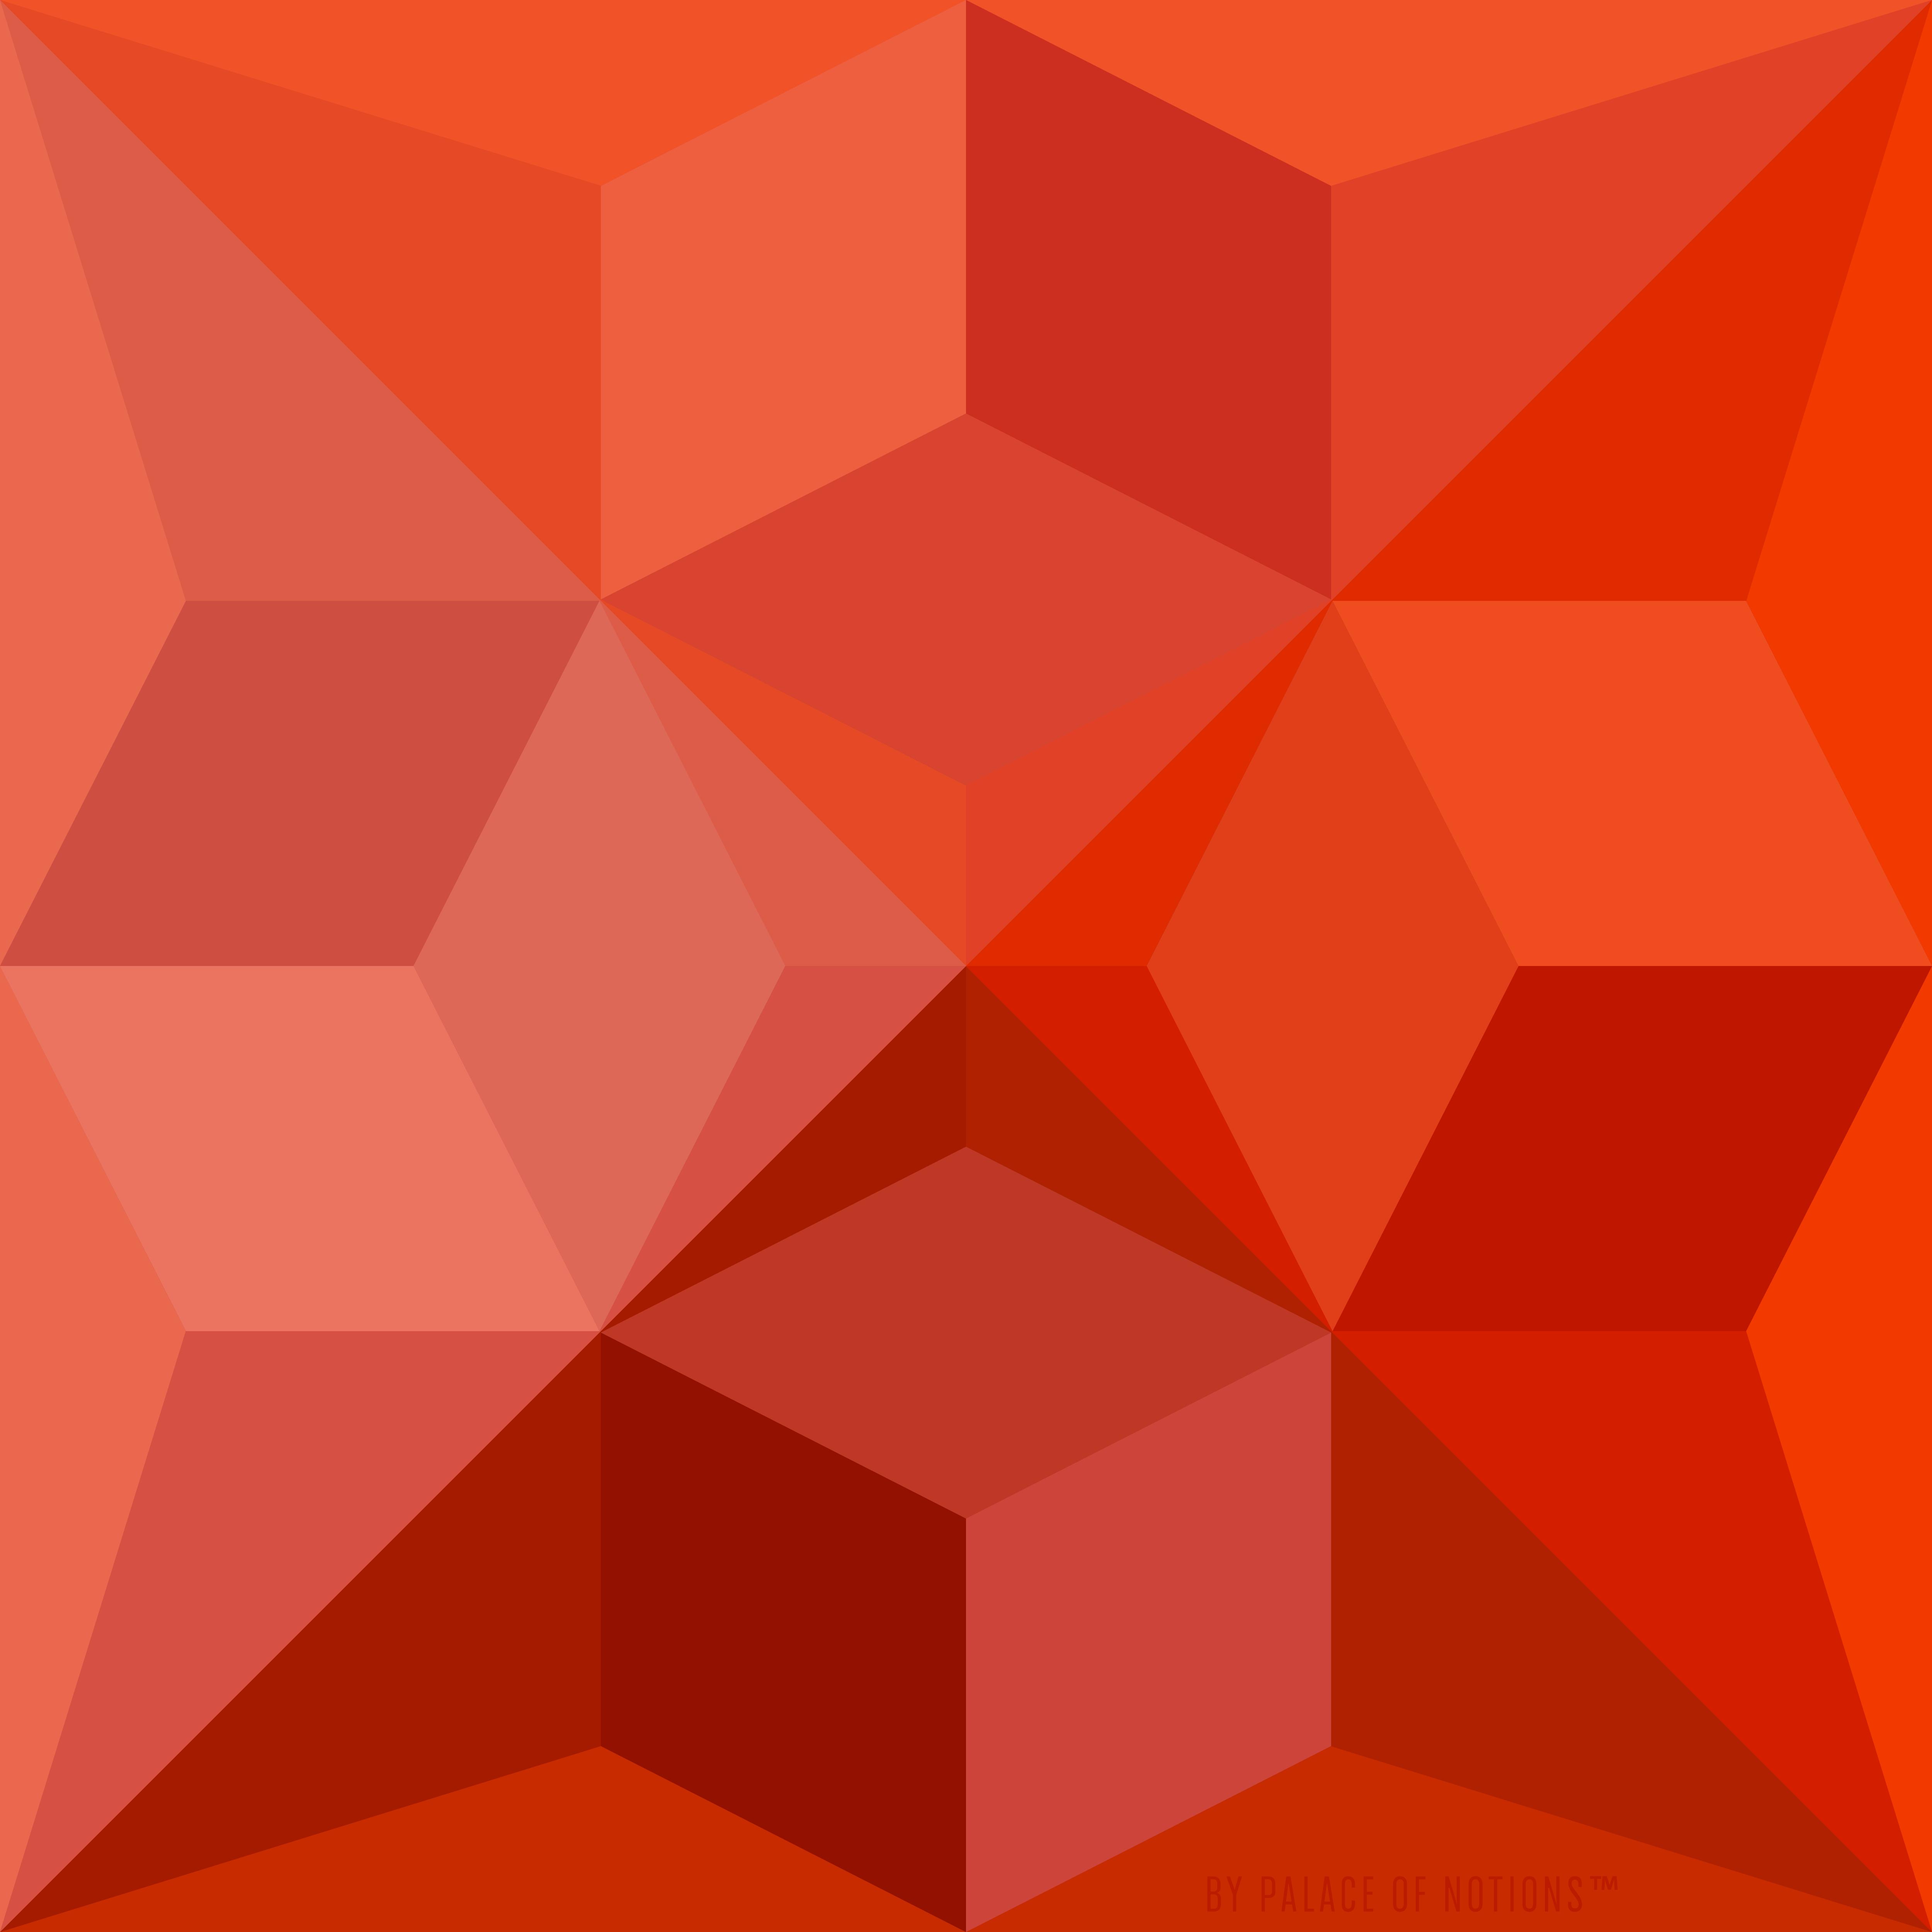 SQUARES-STAR_ORANGE